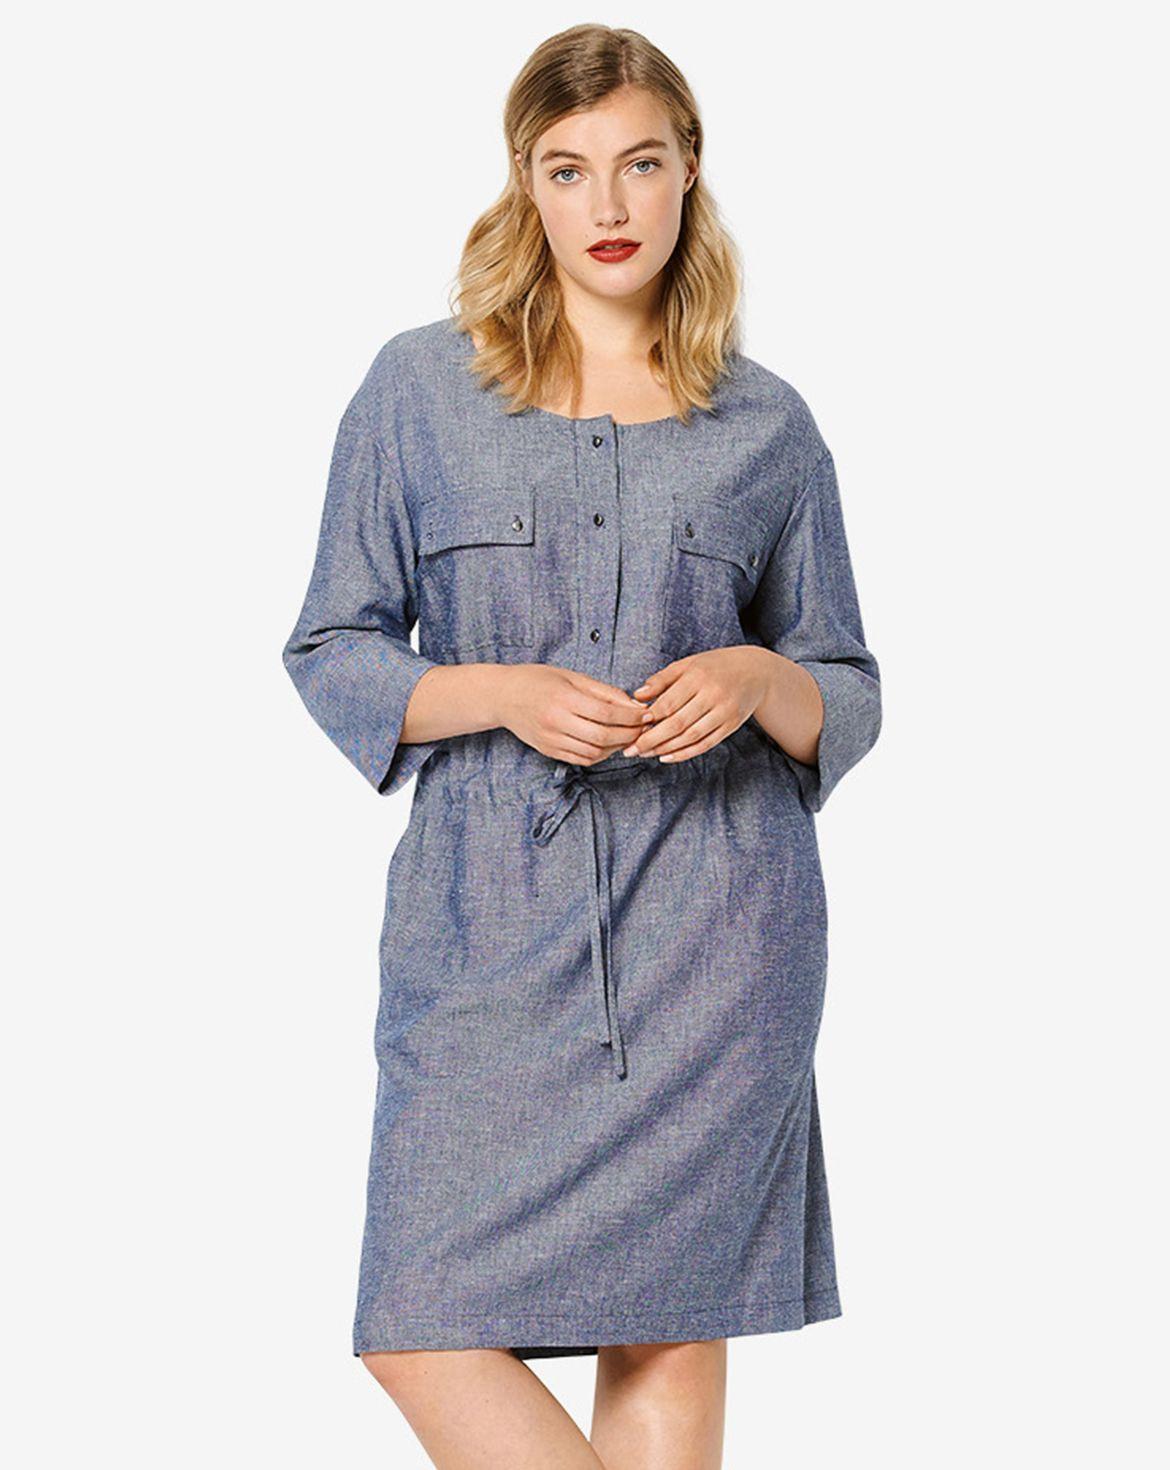 Formal Cool Sommerkleid Mit Ärmel Design10 Erstaunlich Sommerkleid Mit Ärmel Bester Preis